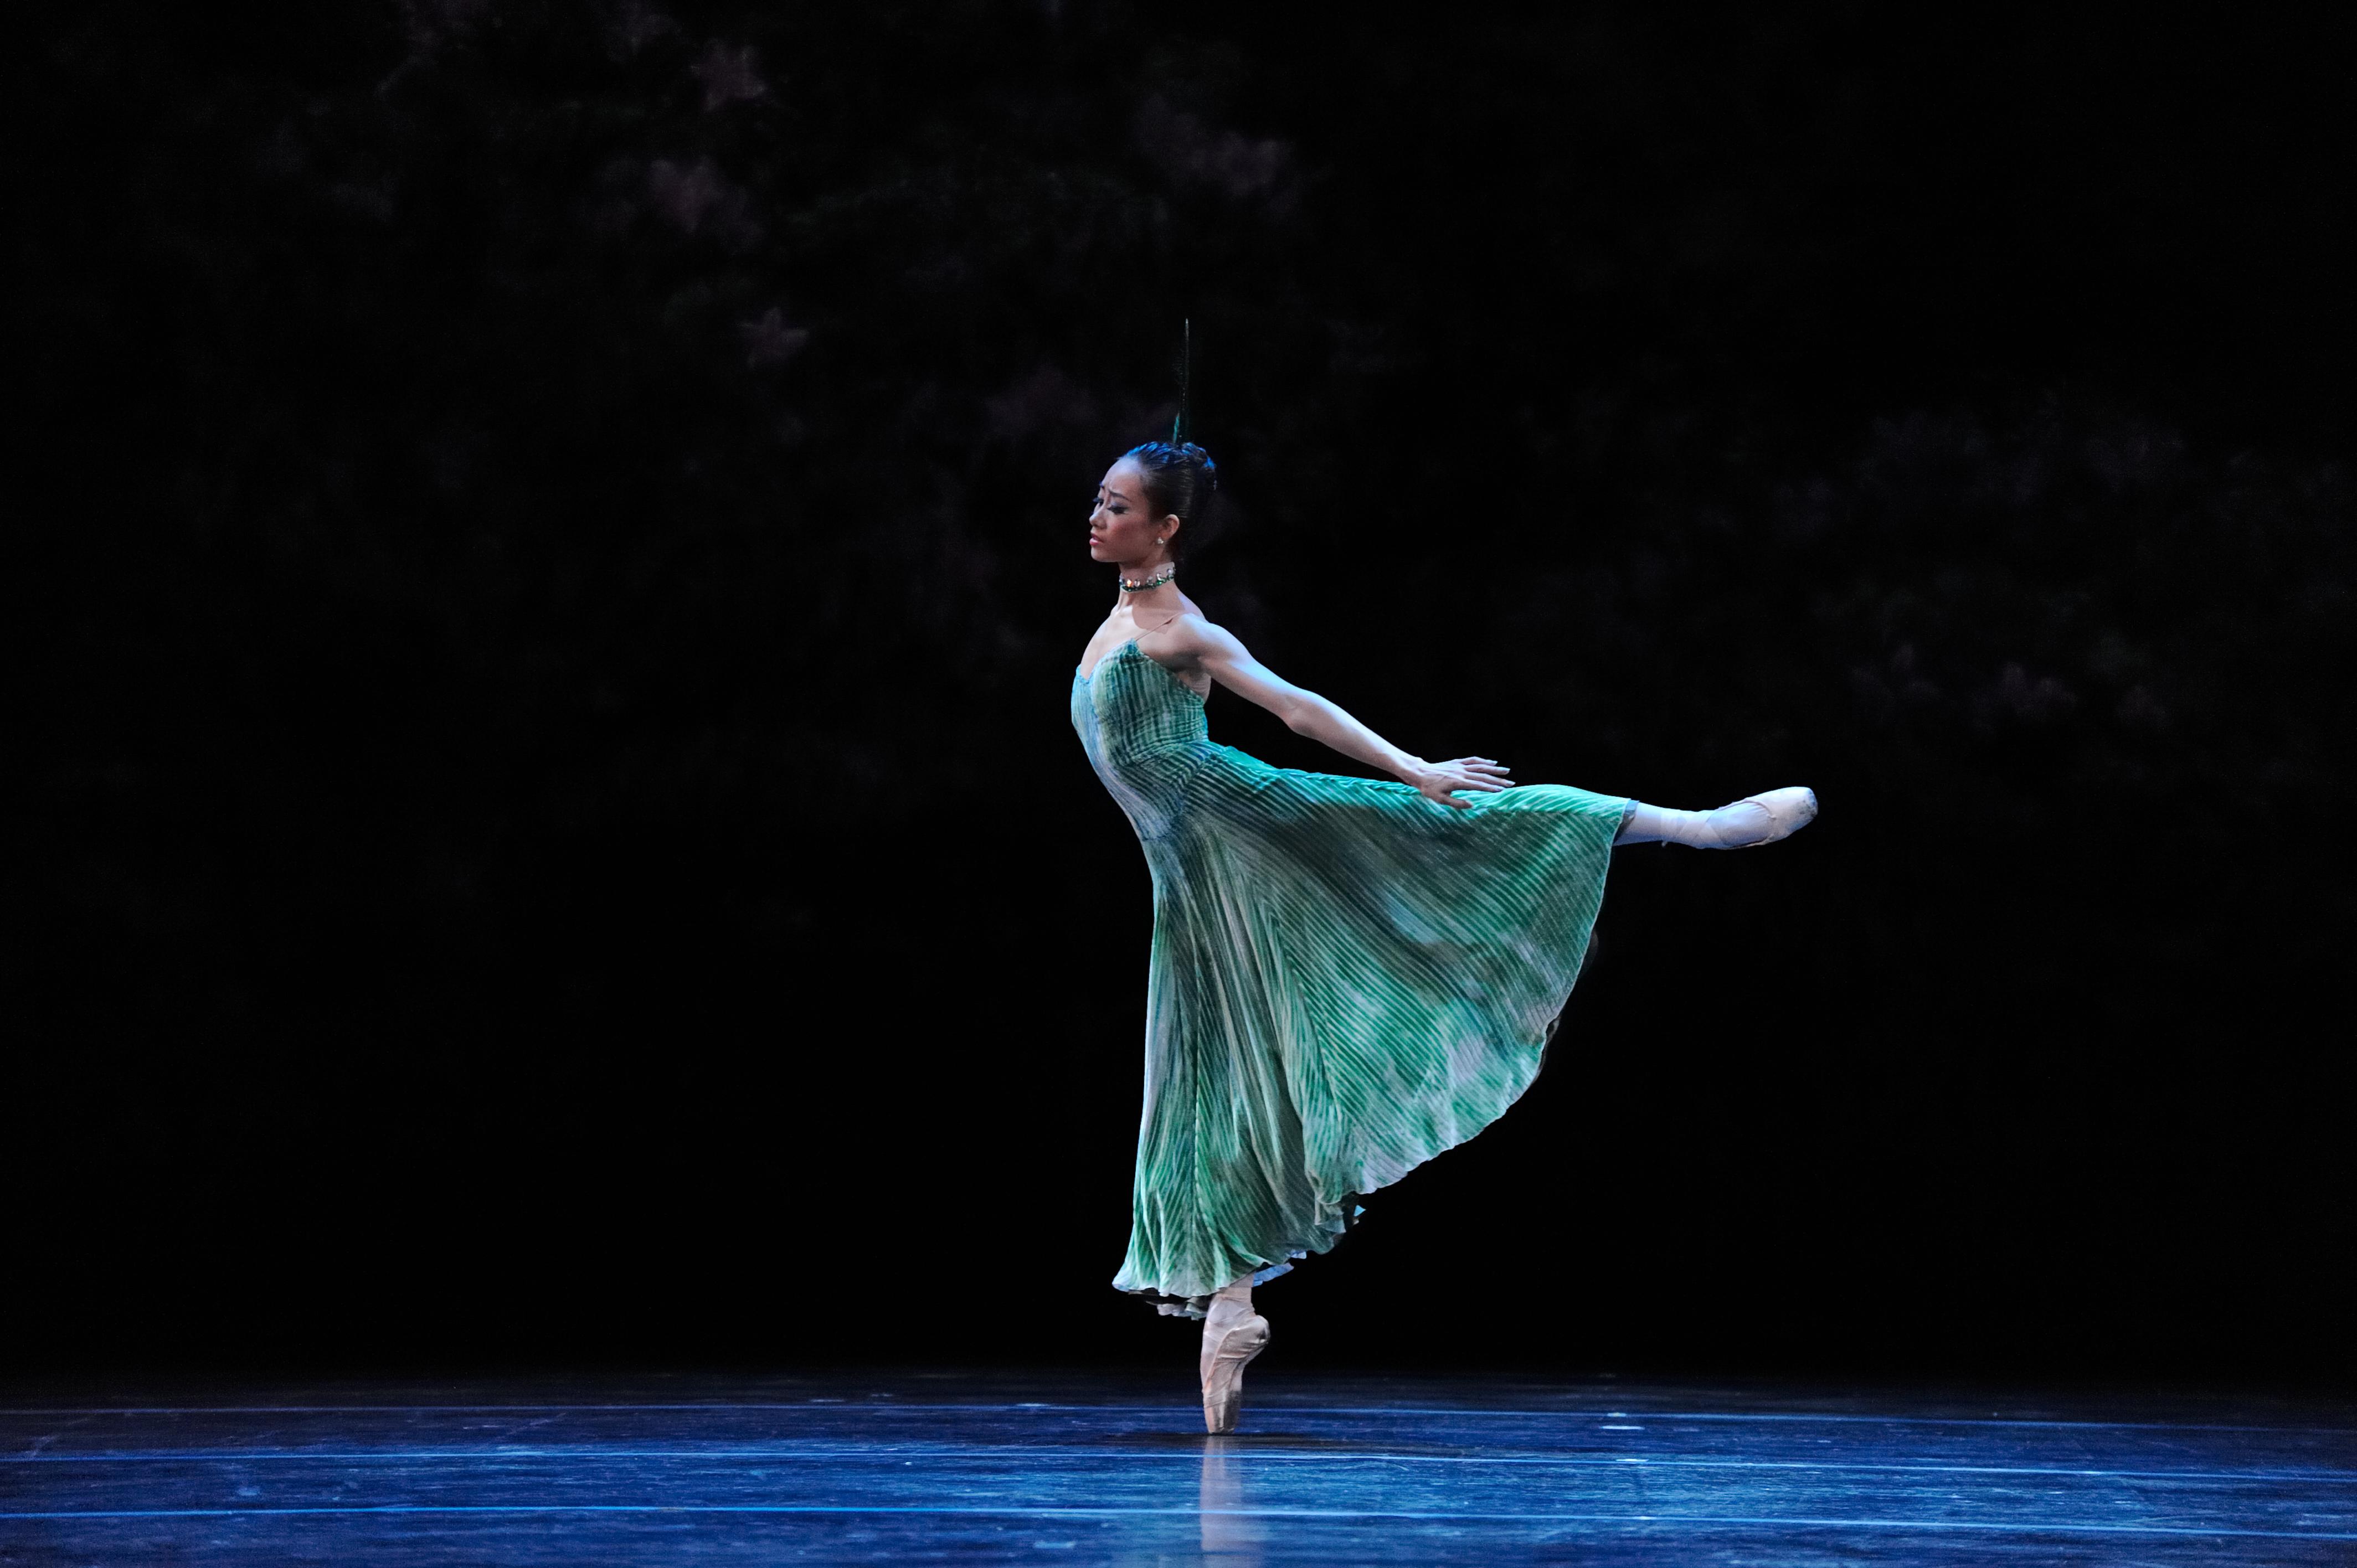 ballet dancer in arabesque